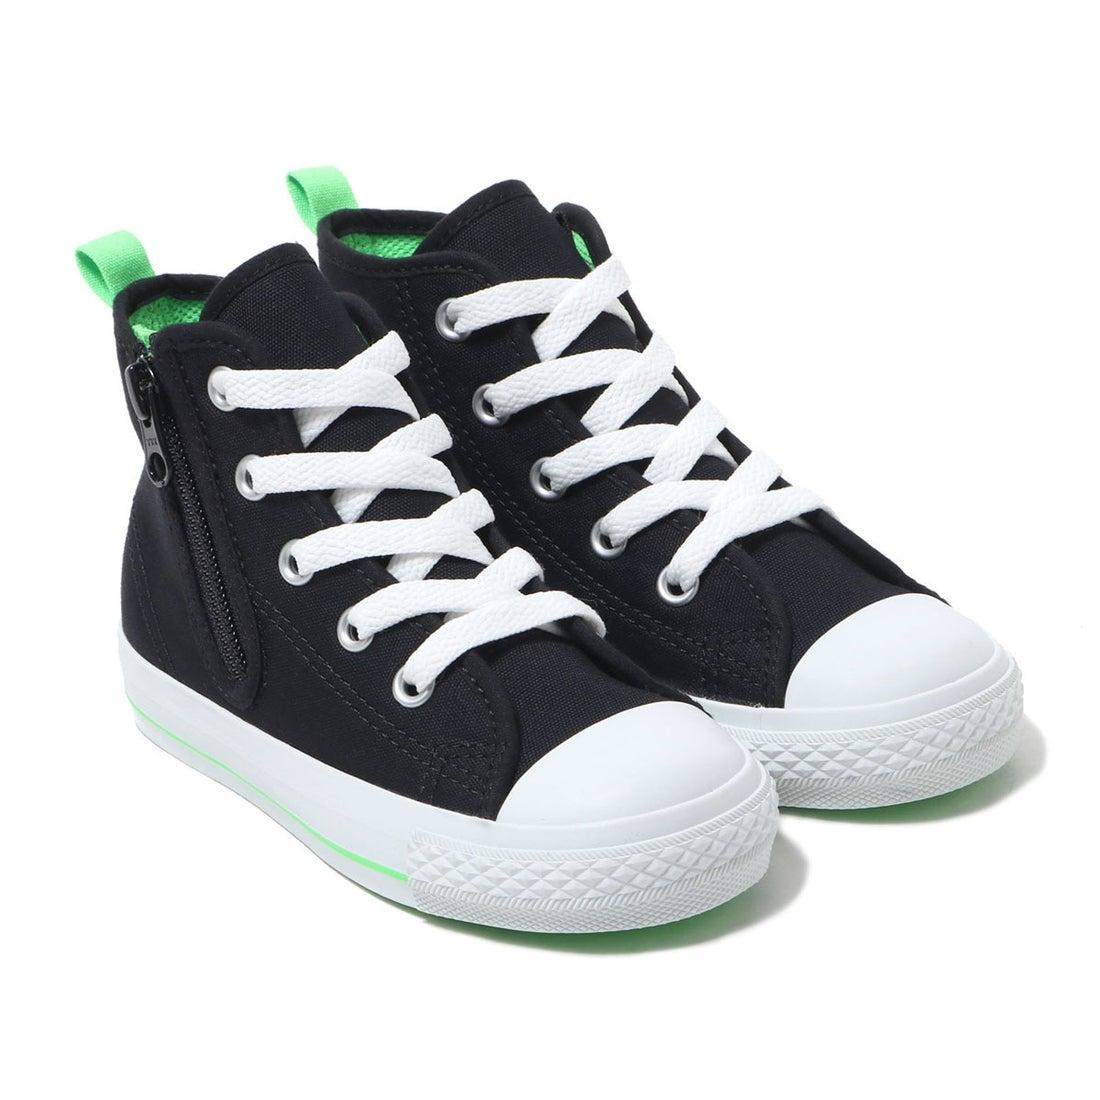 ロコンド 靴とファッションの通販サイトコンバース CONVERSE CONVERSE CHILD ALL STAR N NEONACCENT Z H (BLACK)